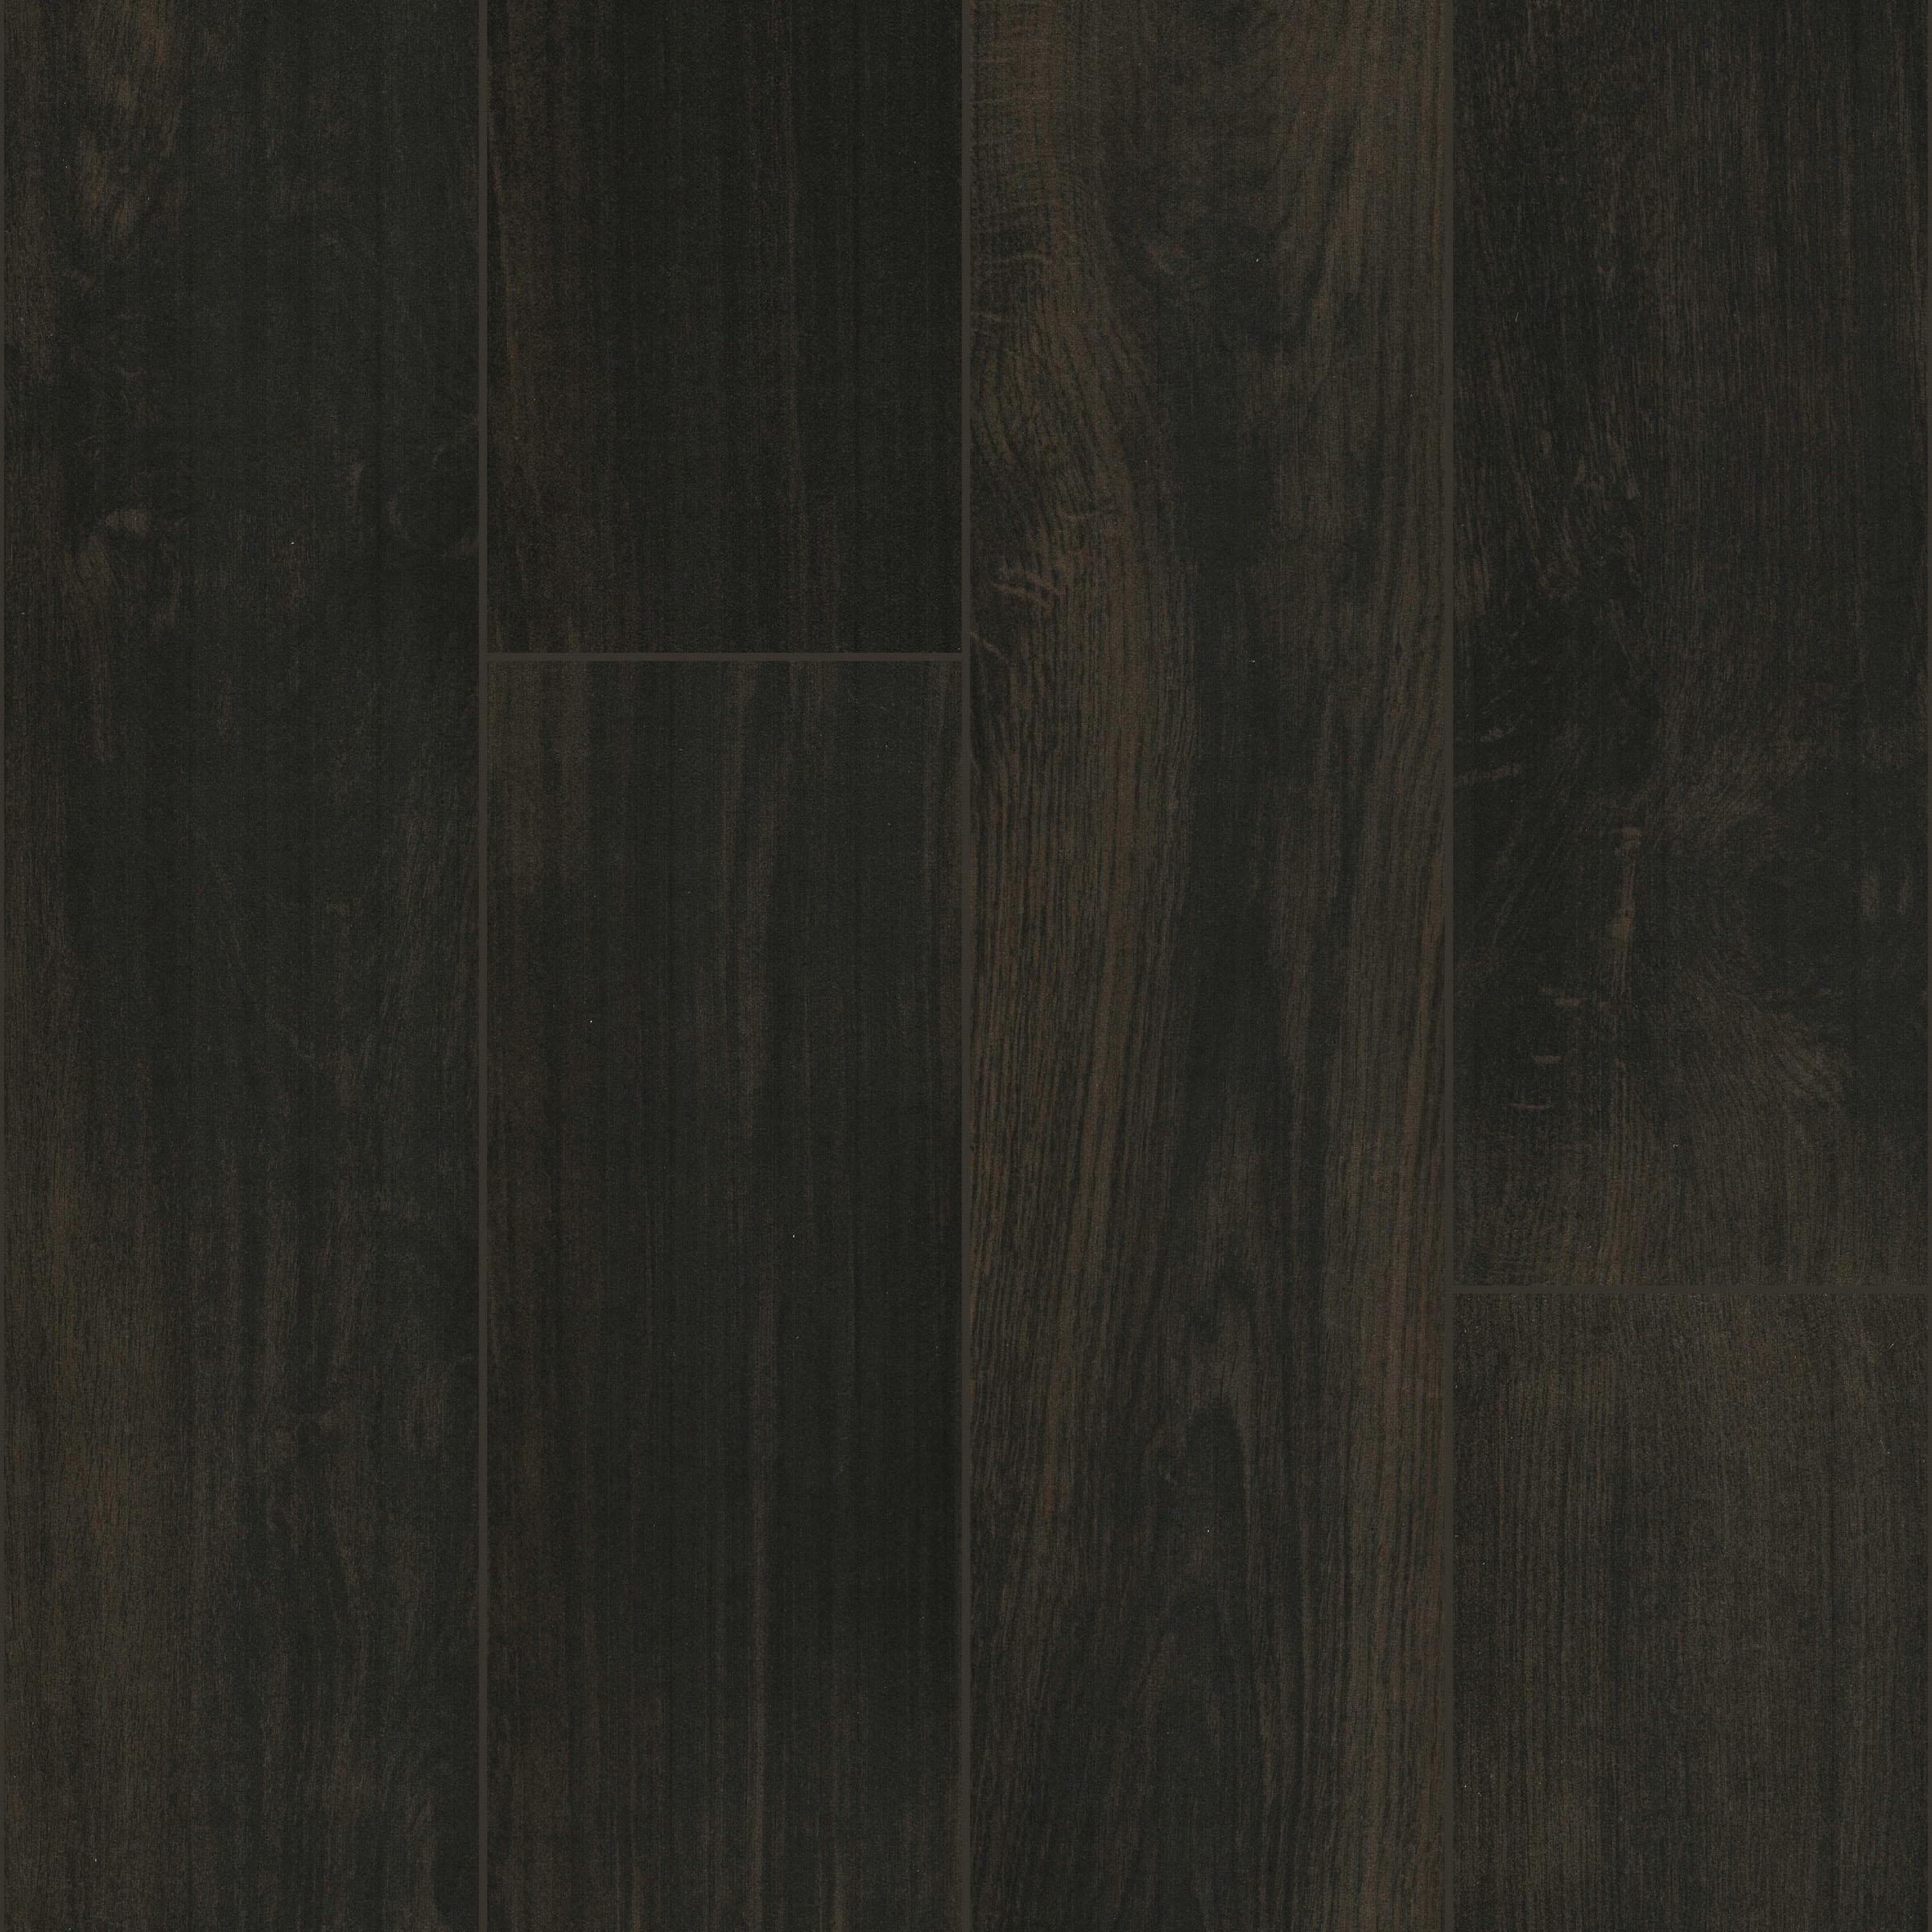 Forest oak ebony wood look glazed waterproof porcelain tile wood forest oak ebony wood look glazed porcelain tile ceramic flooring dailygadgetfo Gallery